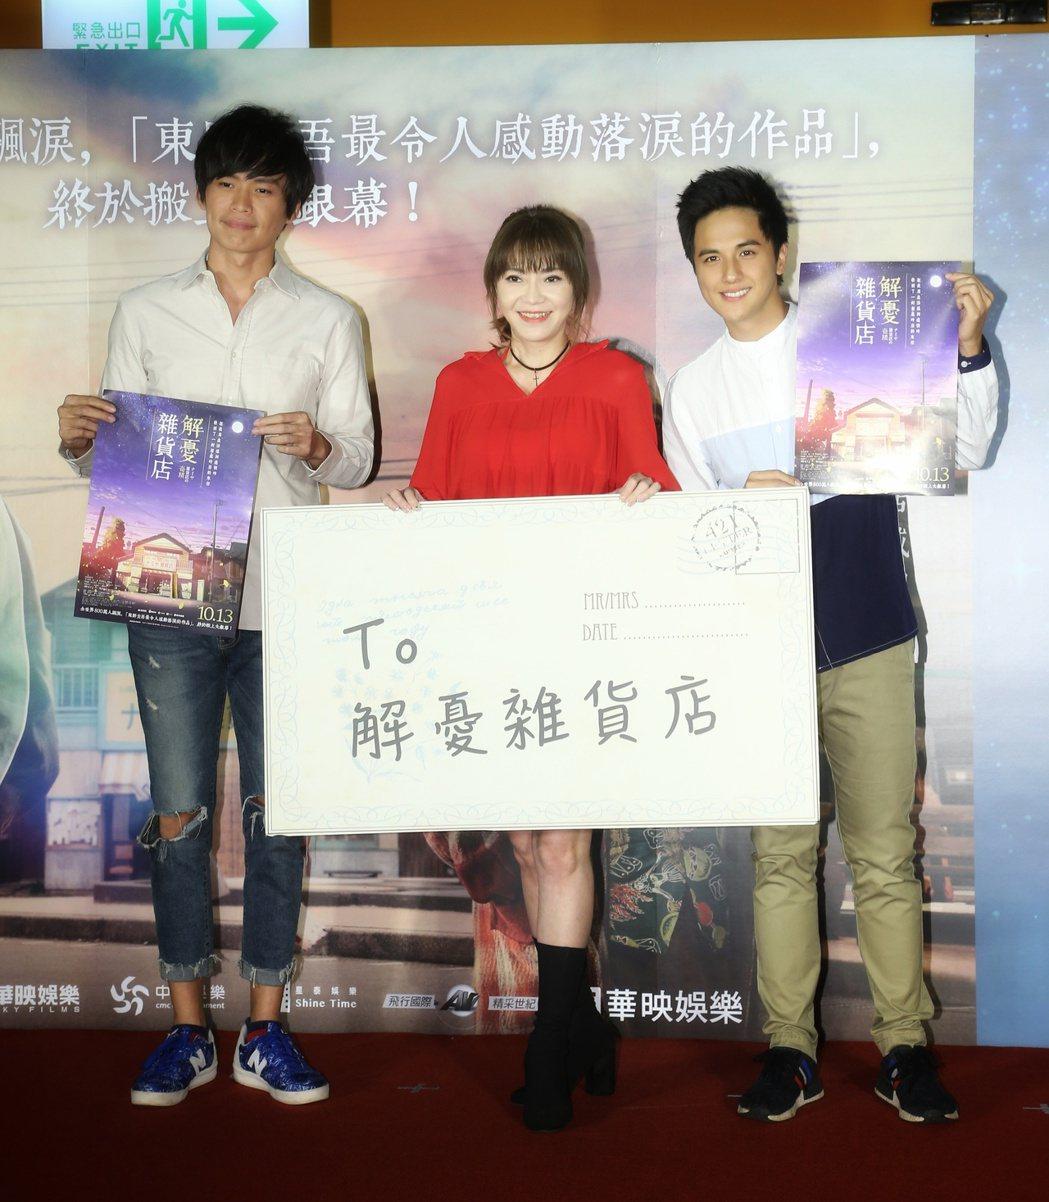 解憂雜貨店首映,黃鐙輝(左起),甄莉與曾子余出席。記者陳立凱/攝影